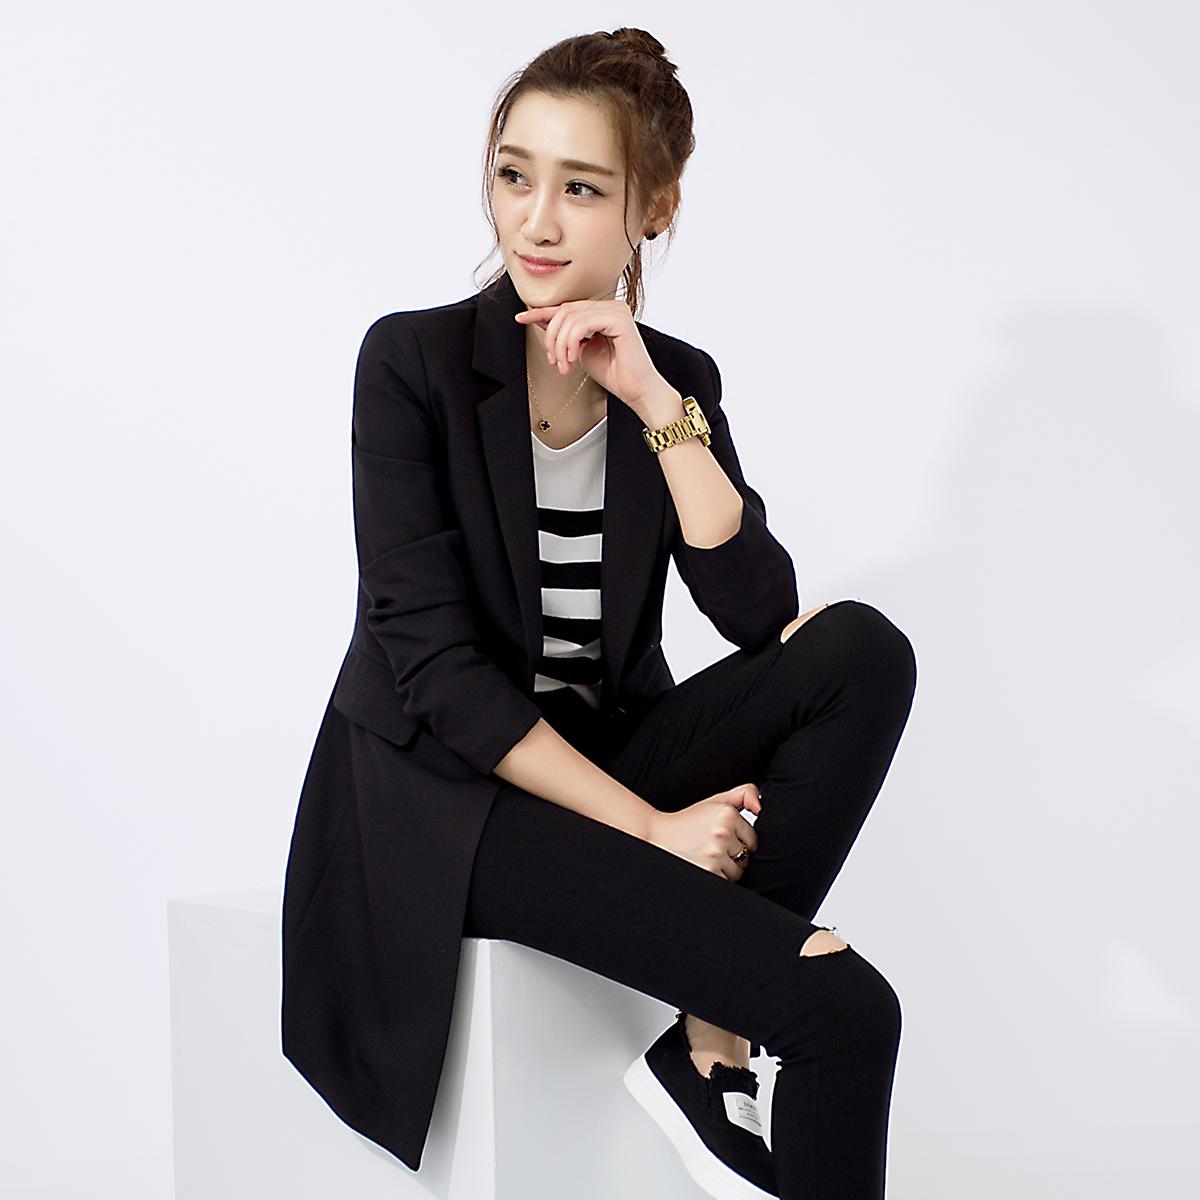 一粒扣小西装 2016秋装新款韩版修身显瘦小西装女中长款外套一粒扣黑色长袖西服_推荐淘宝好看的女一粒扣小西装